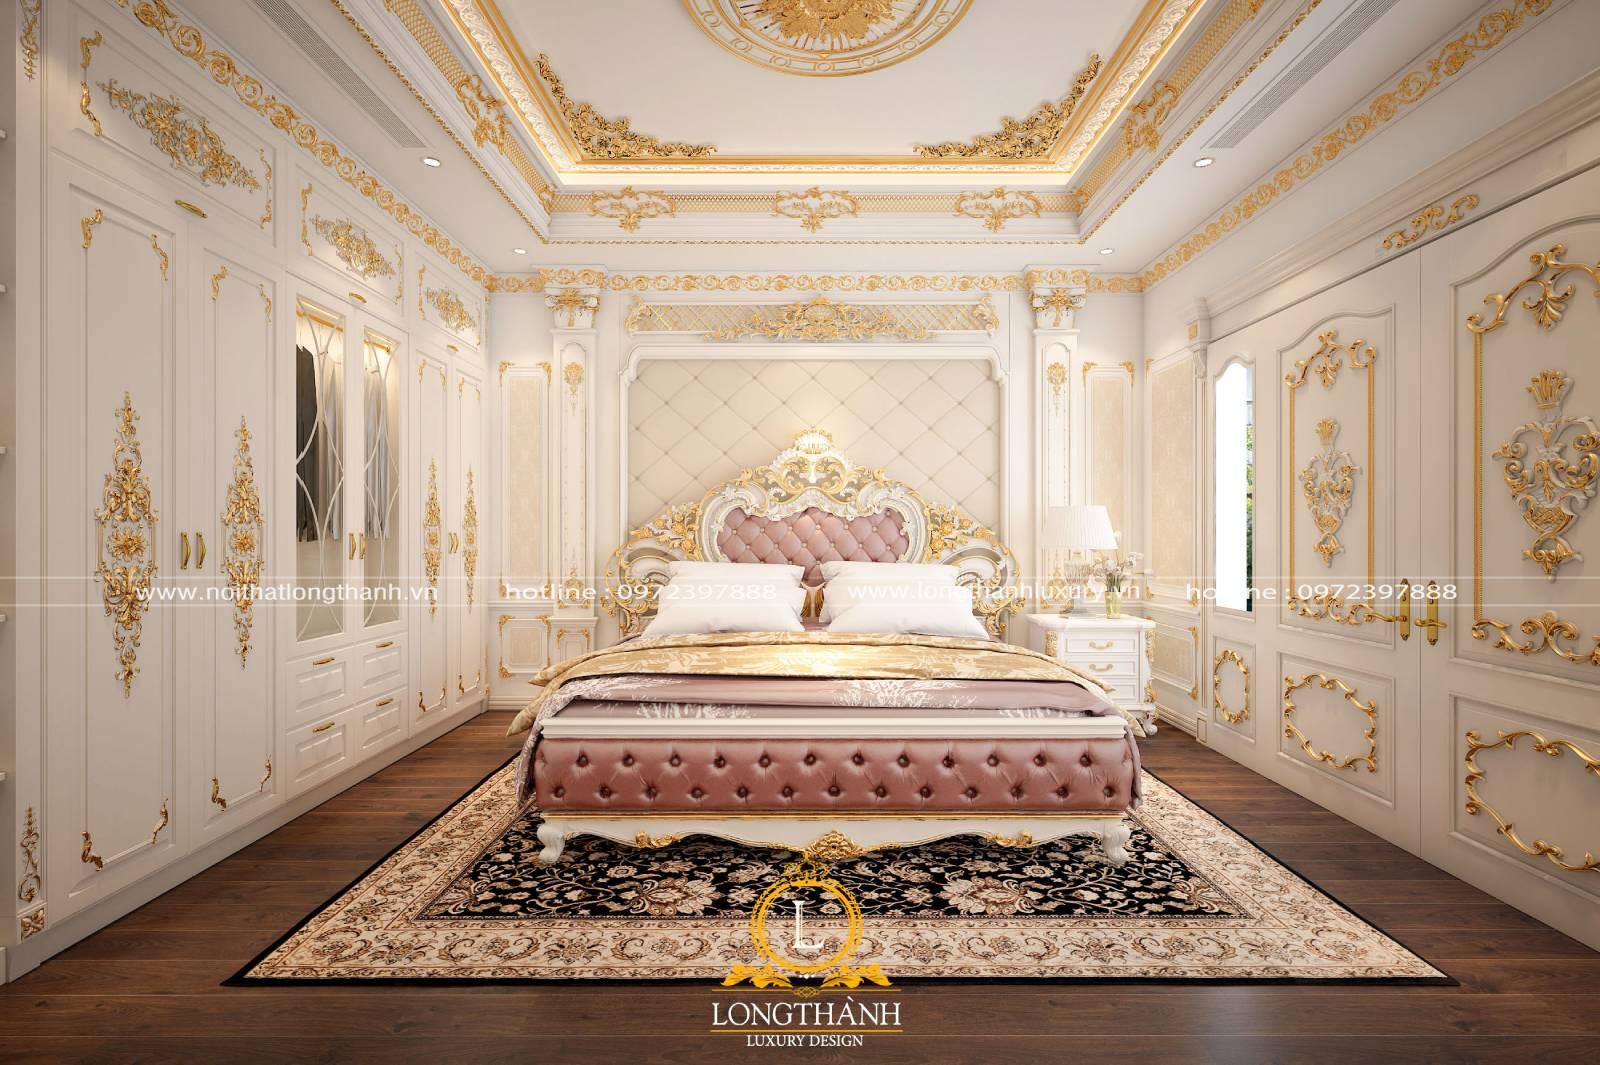 Giường cưới đẹp lộng lẫy